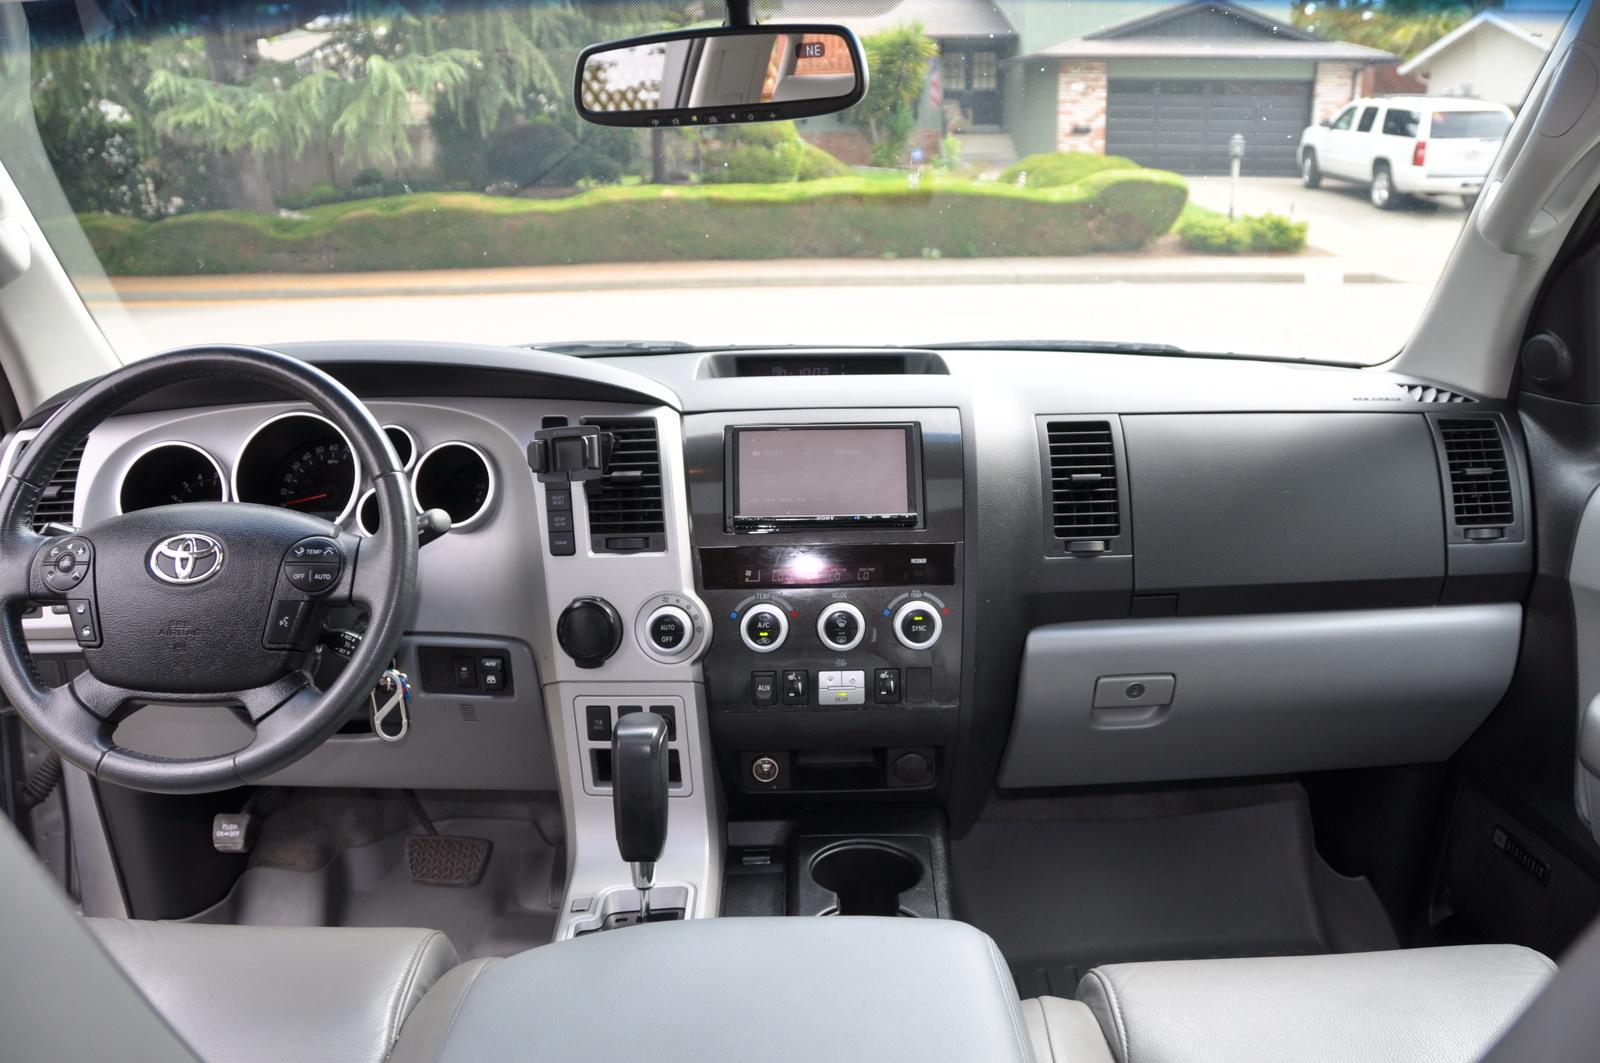 2008 Toyota Sequoia Pictures Cargurus